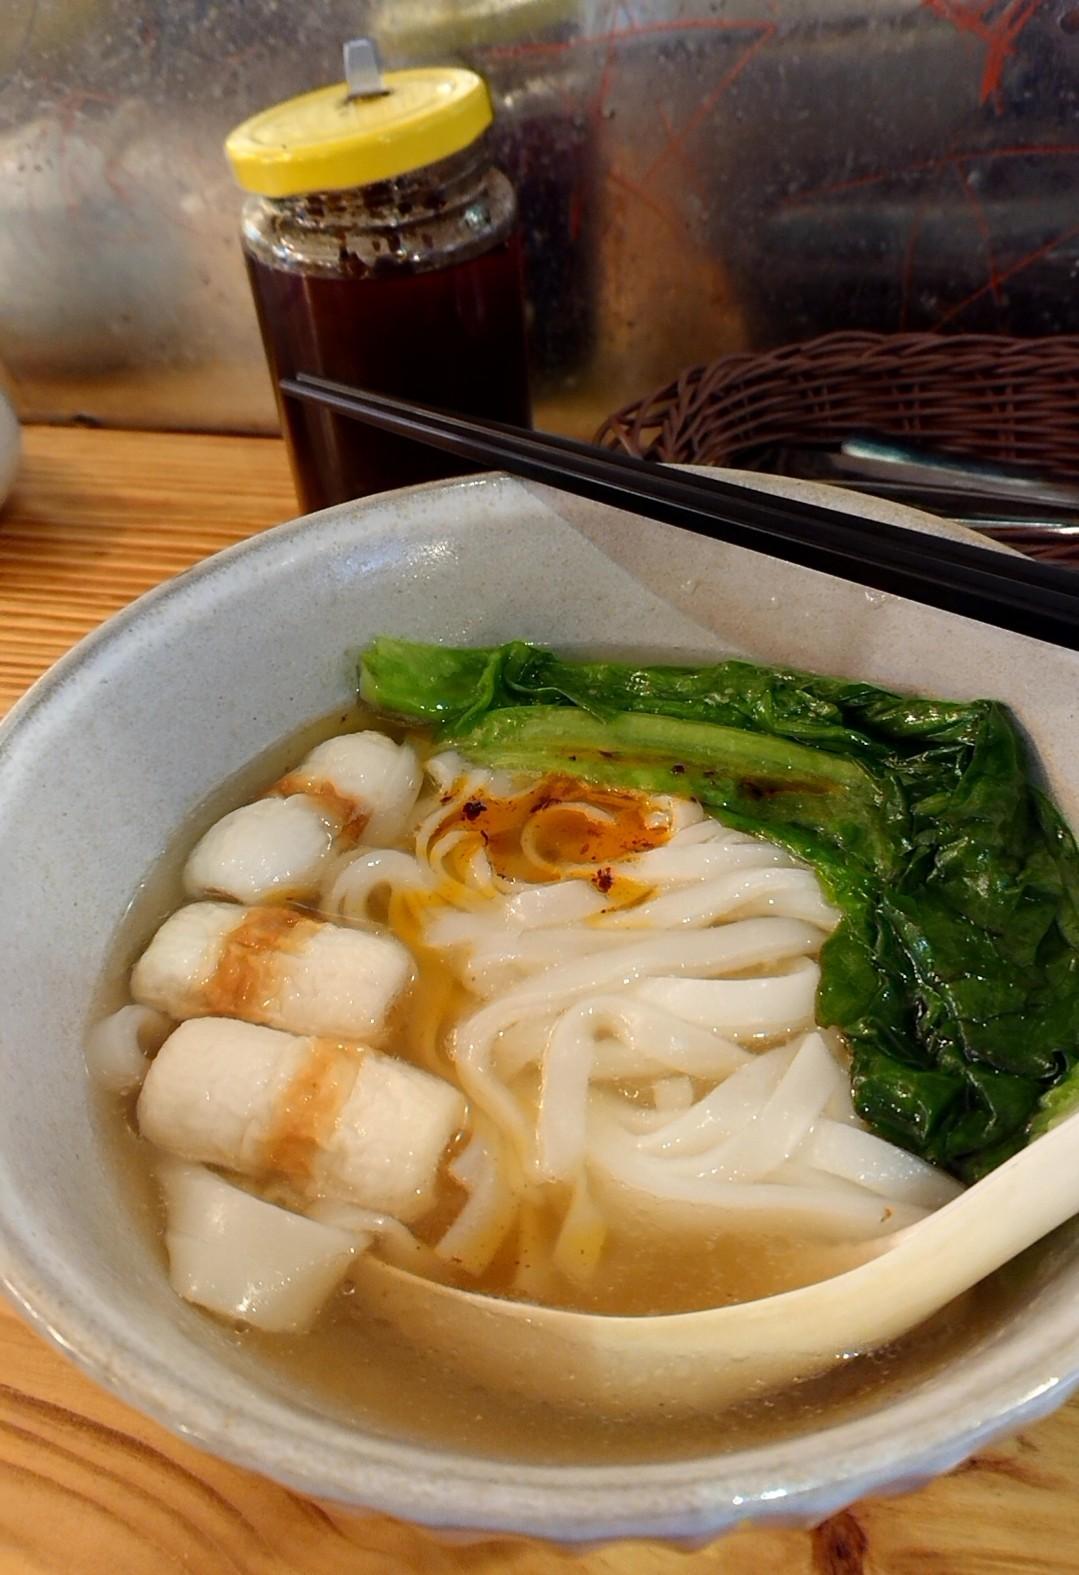 香港3日目 朝麺失敗の巻_a0098948_18234546.jpg